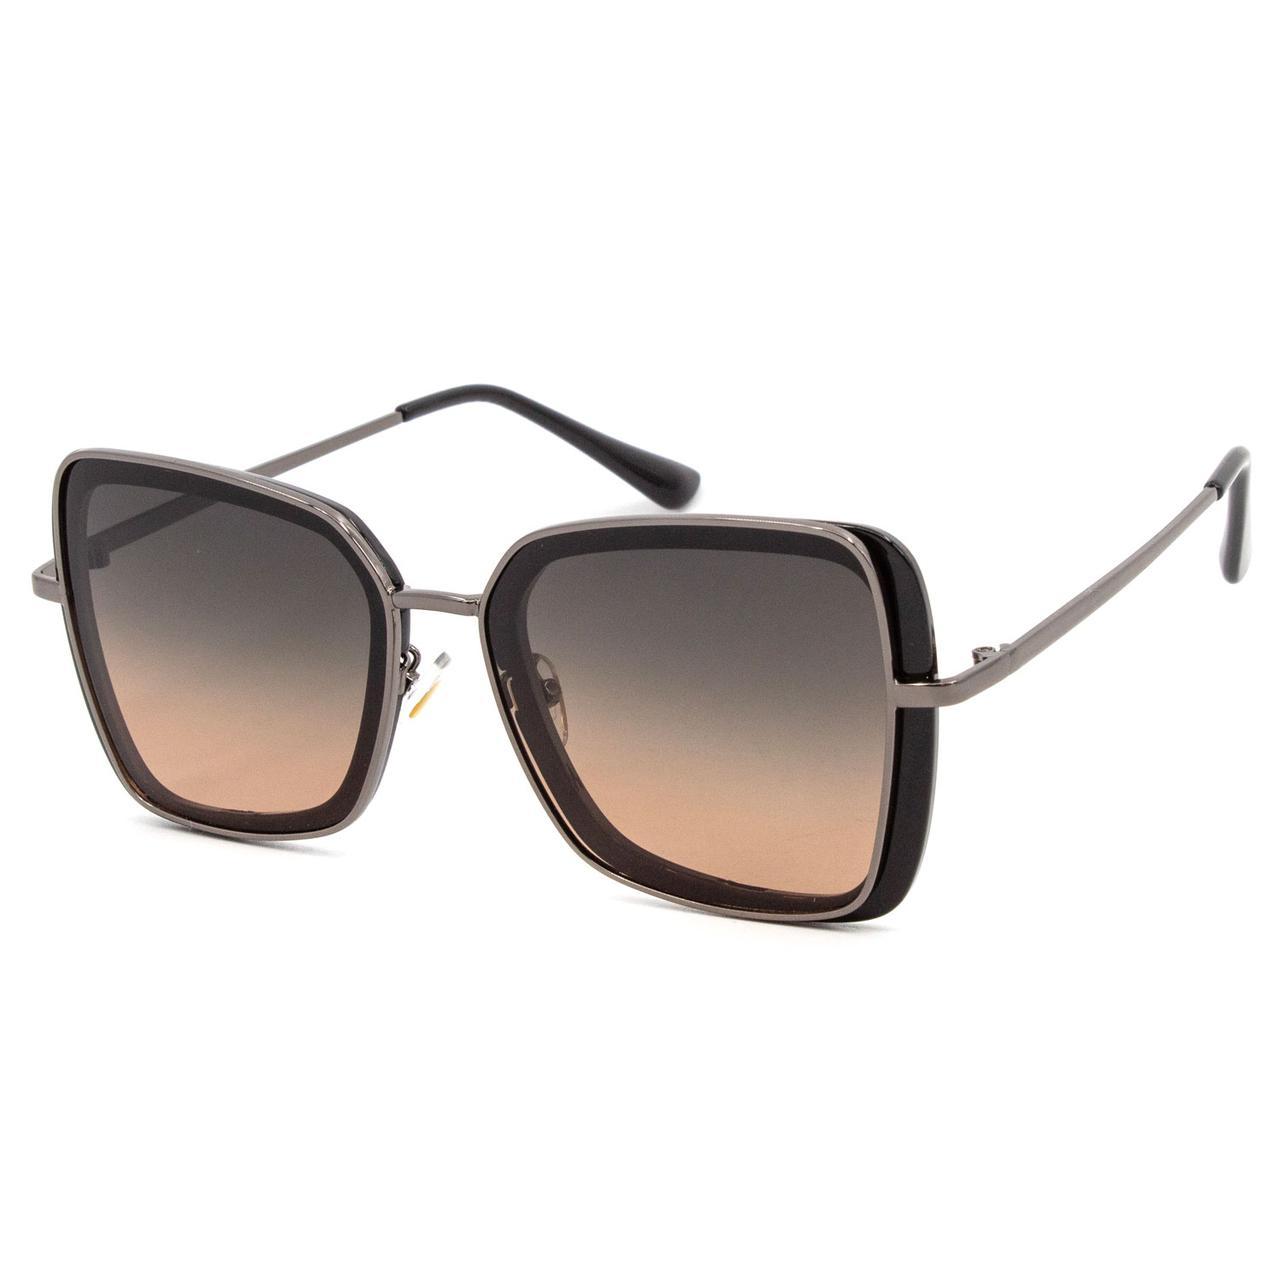 Солнцезащитные очки Marmilen Polar 3235 C2 черные с серым   ( 3235-02 )